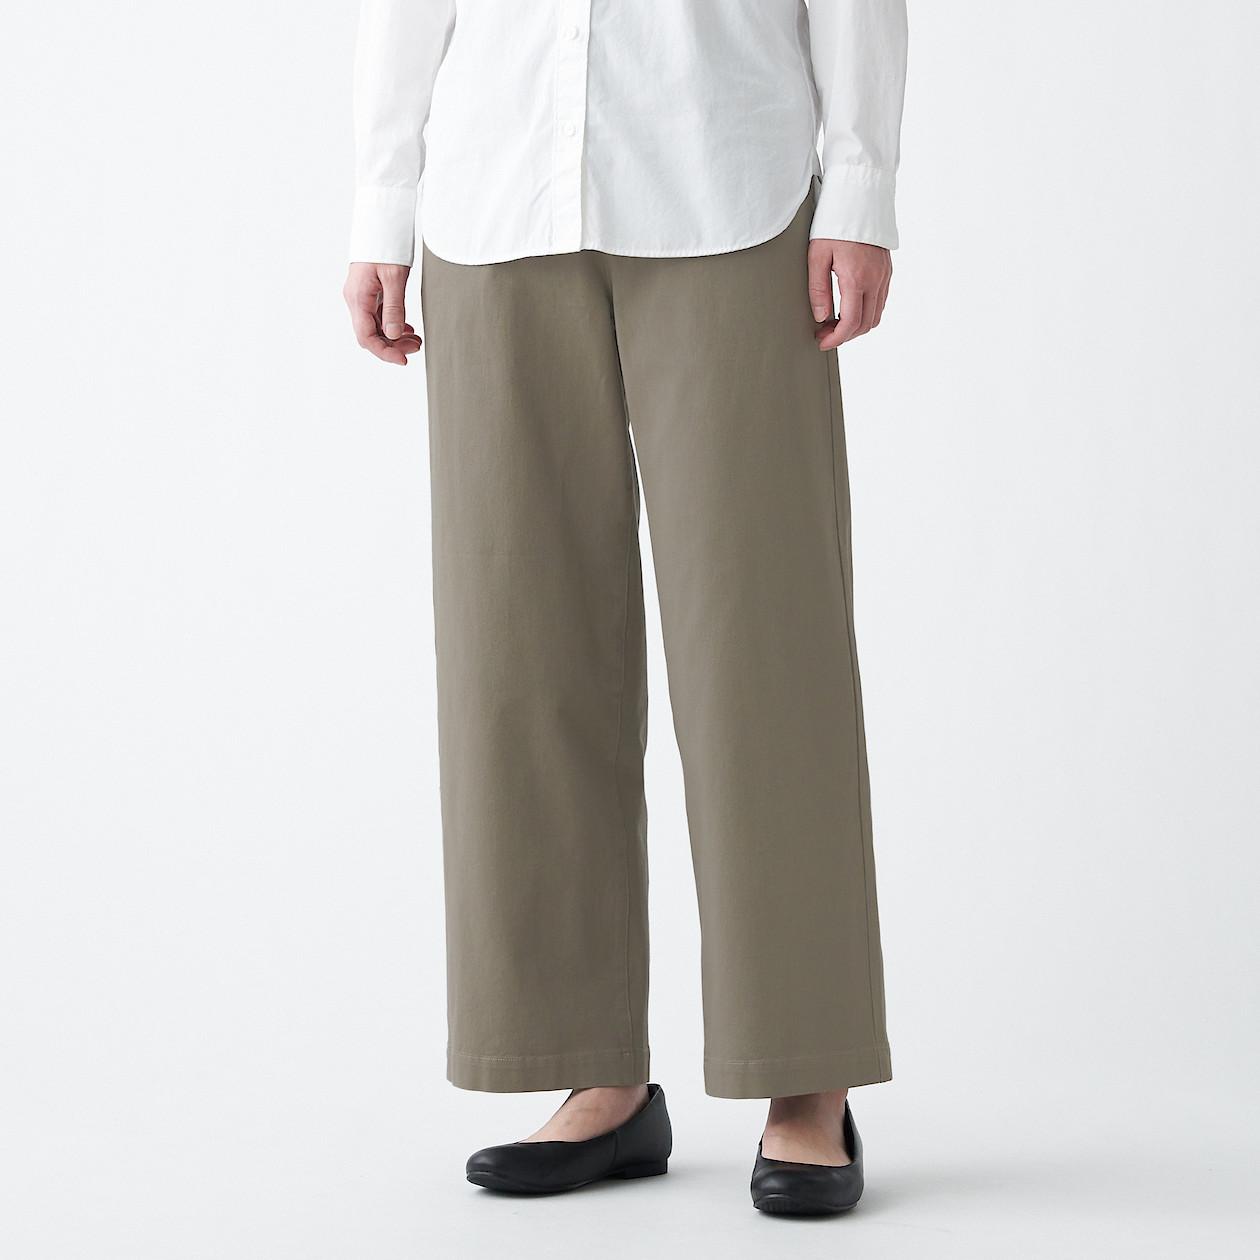 무인양품 MUJI 여성 스트레치 치노 와이드 팬츠 BED22A1S